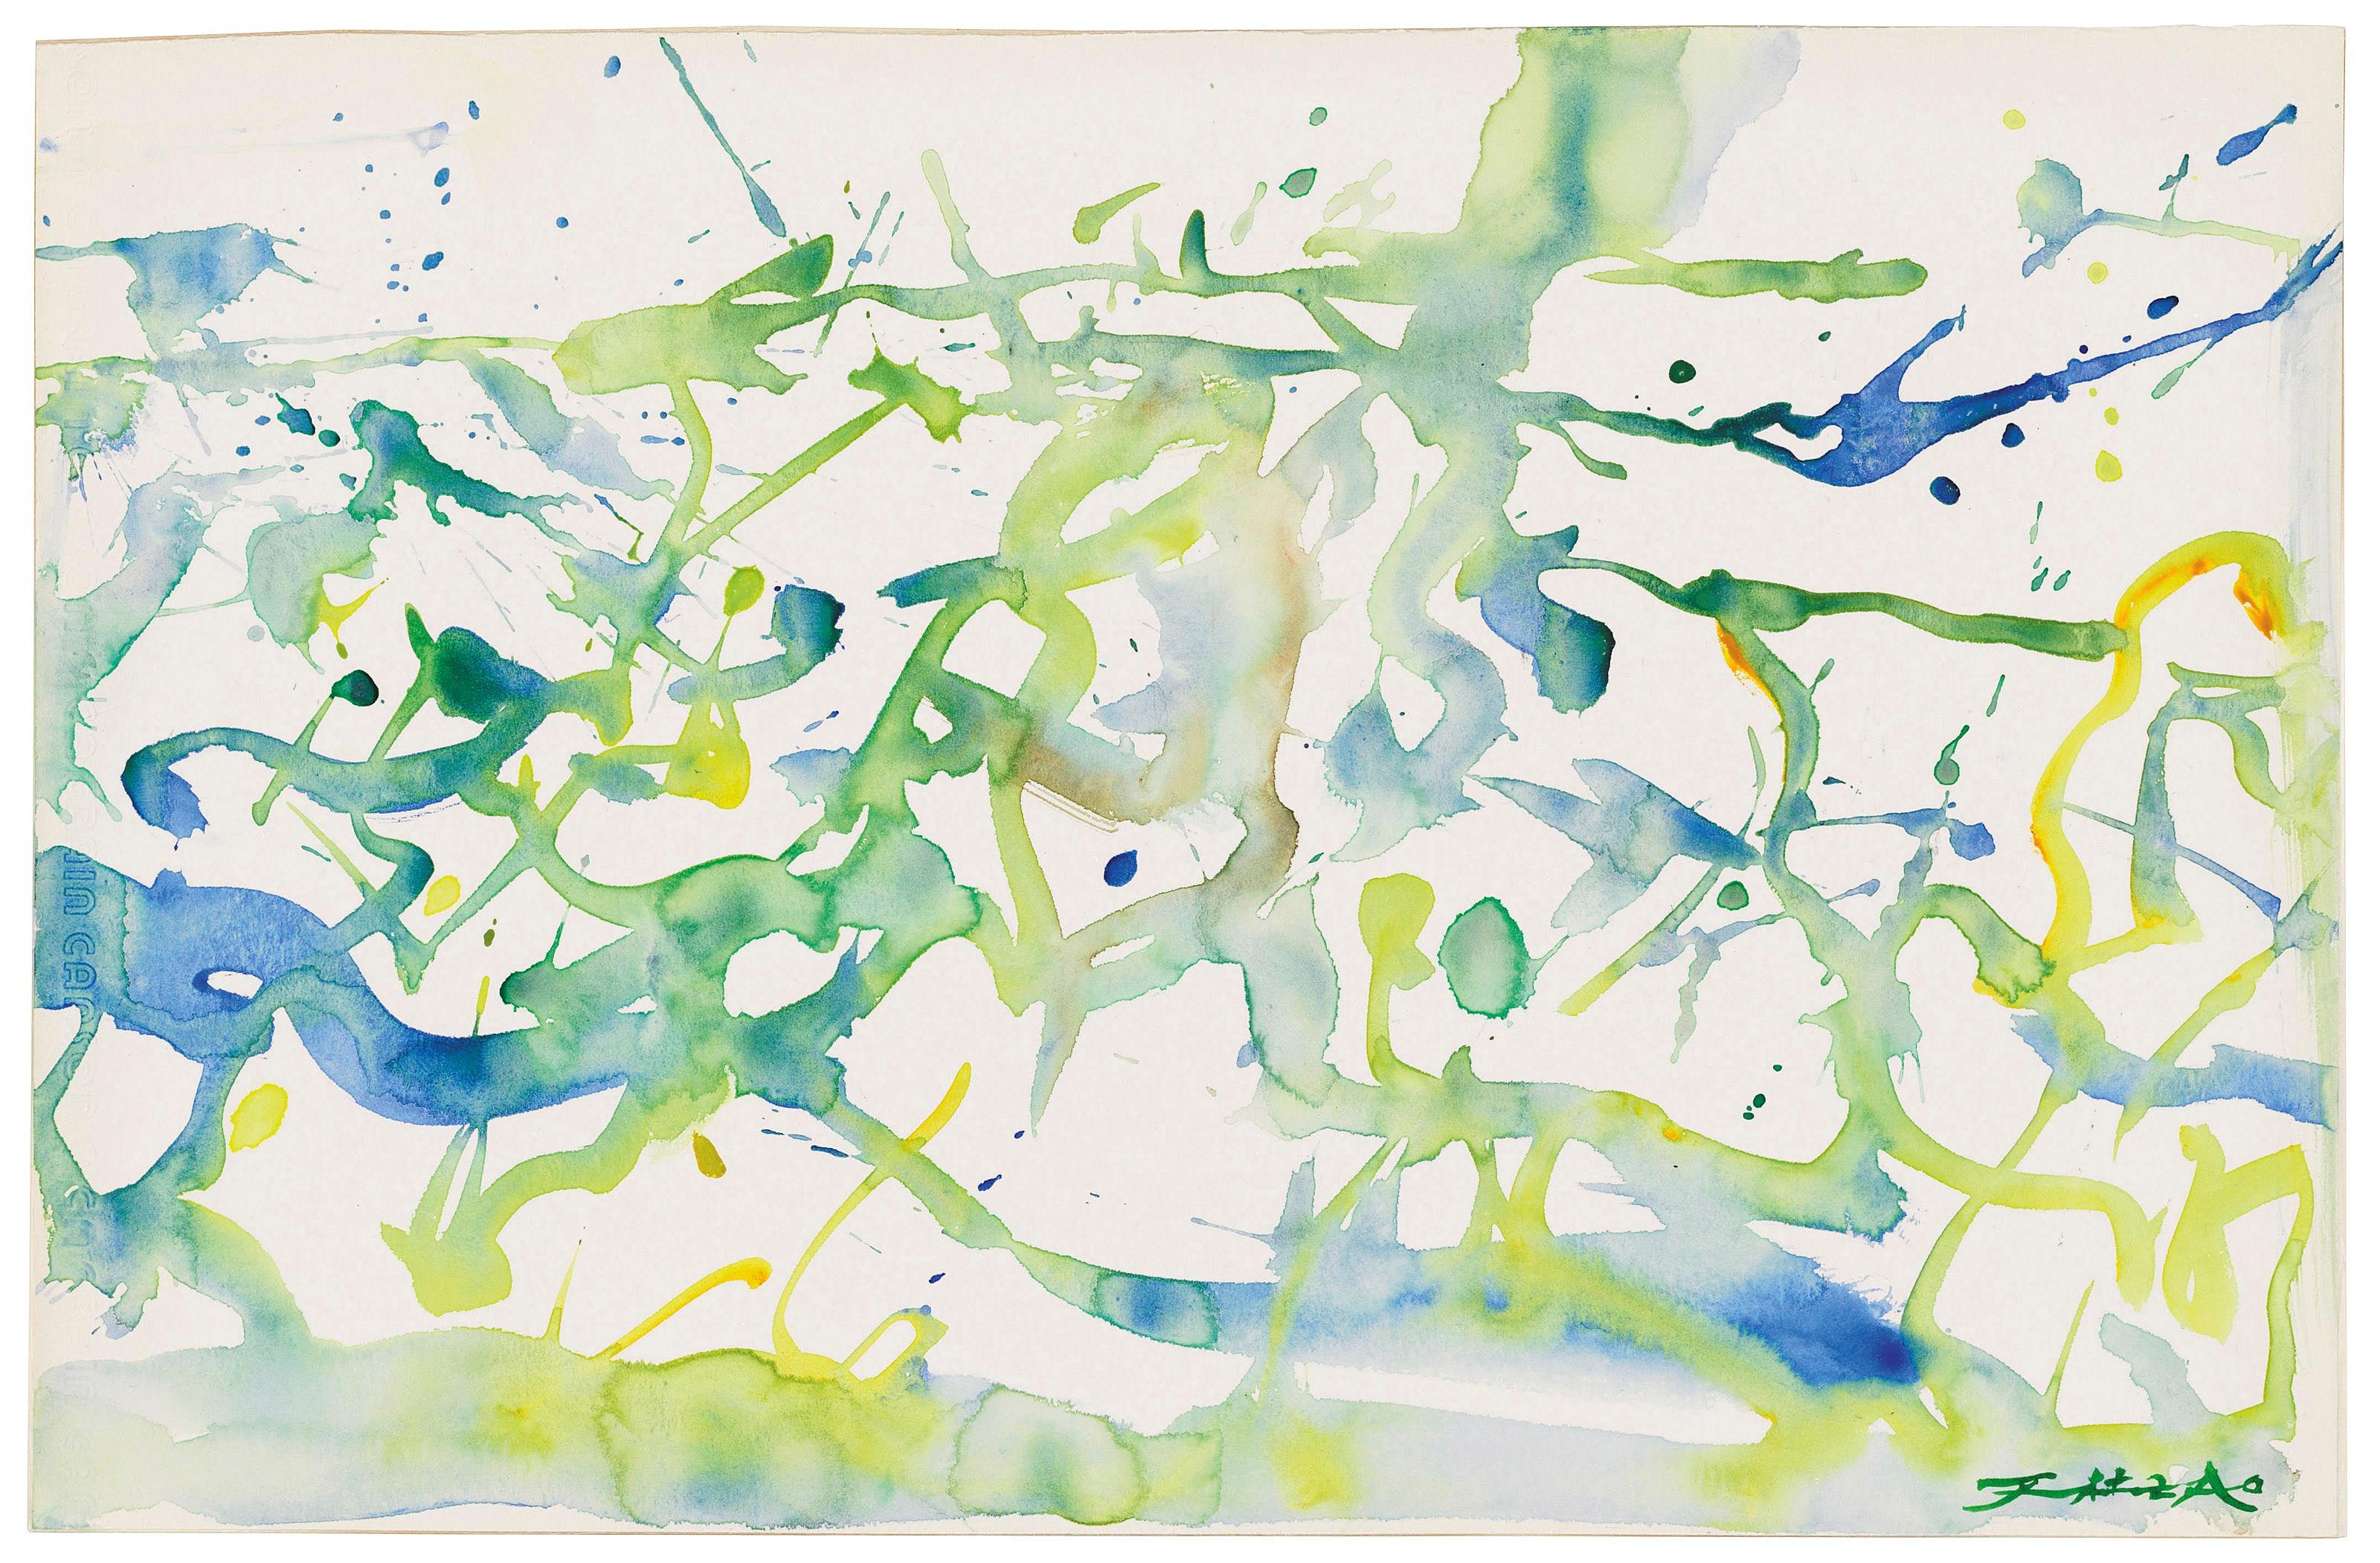 赵无极(1920-2013),《无题》,2005年作,估价:22,000-30,000英镑。拍品于2018年3月15至23日「赵无极版画及纸上作品」网上拍卖推出。